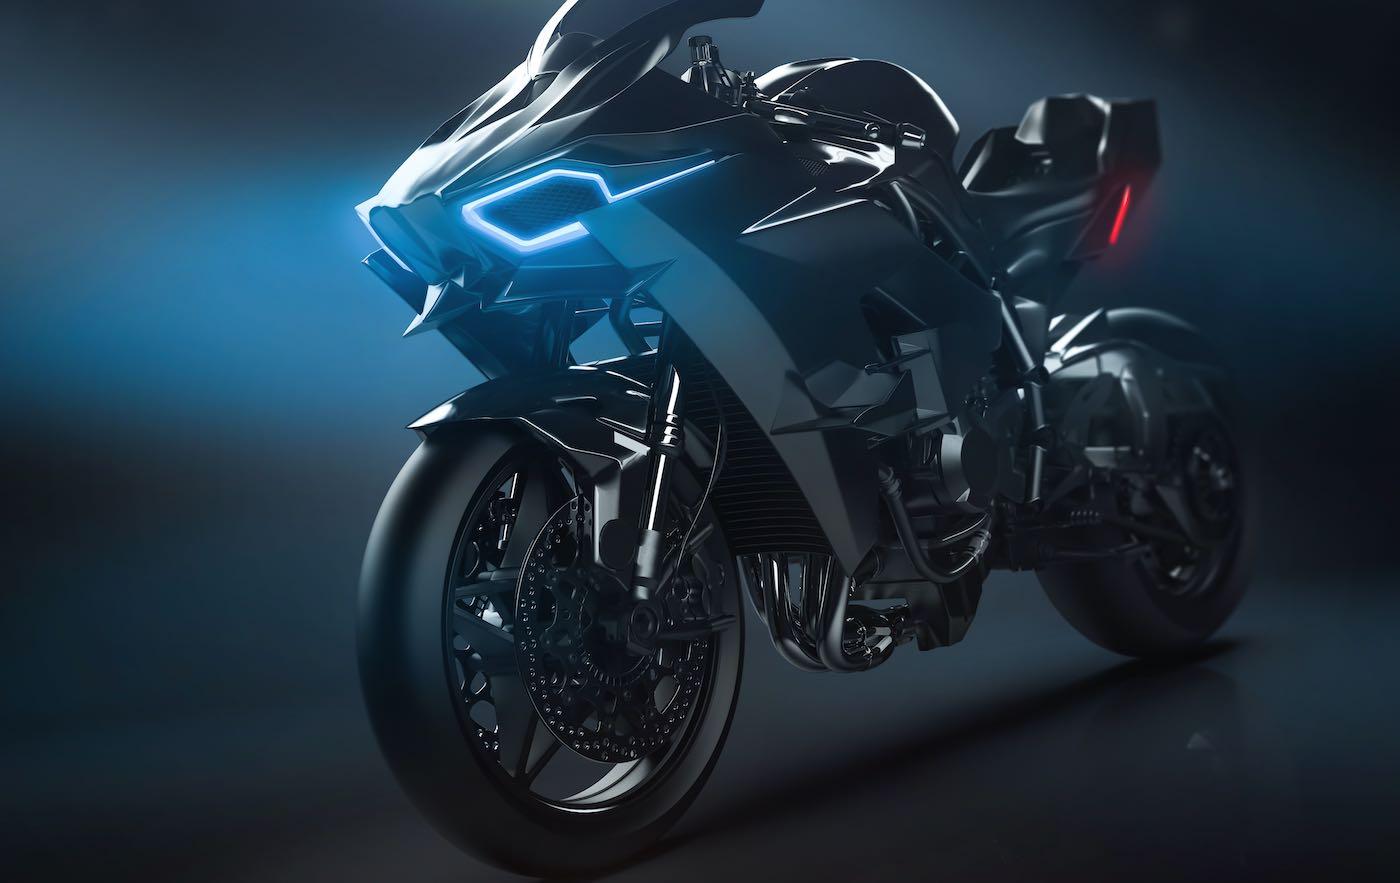 Motocicleta deportiva moderna con faro LED personalizado (Ilustración 3D)